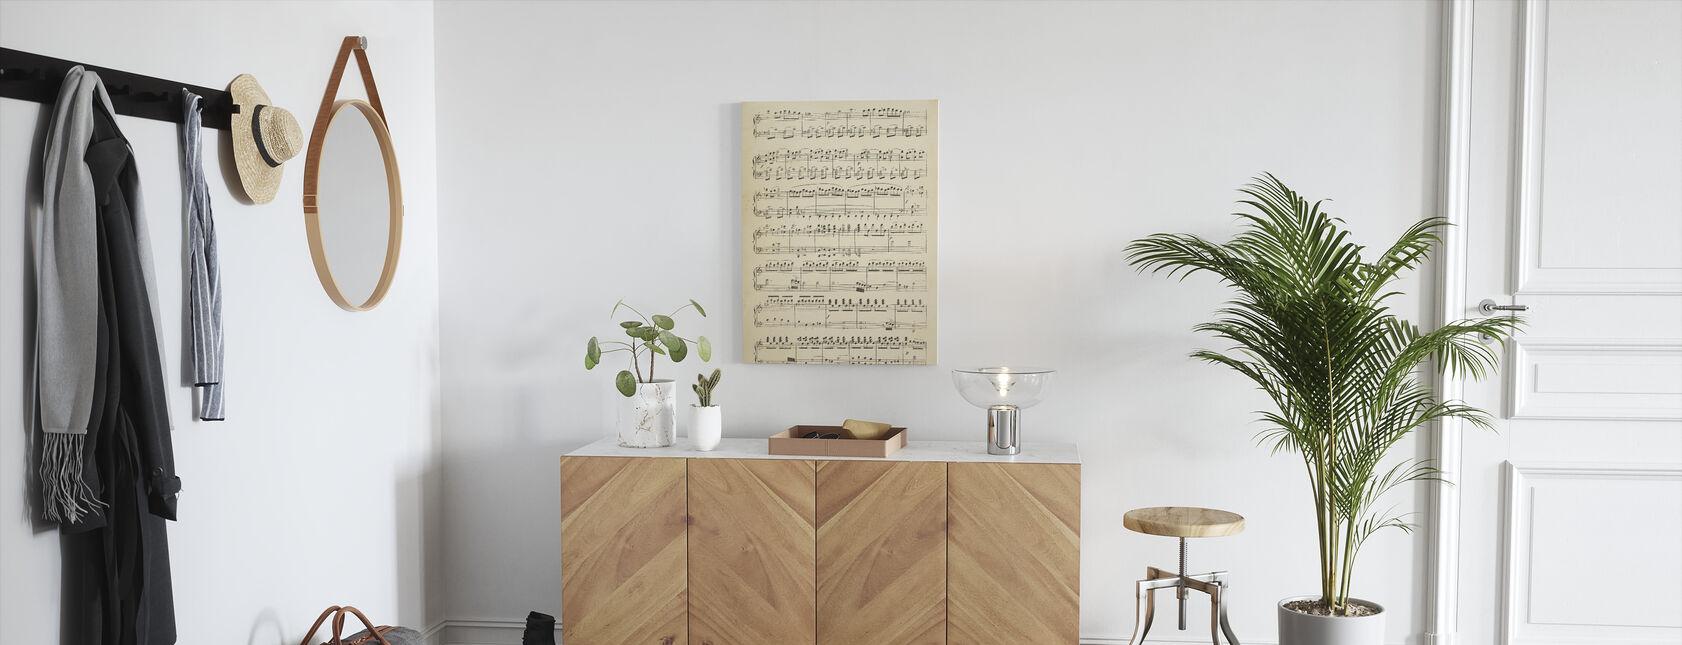 Musikaaliset nuotit osa 1 - Canvastaulu - Aula